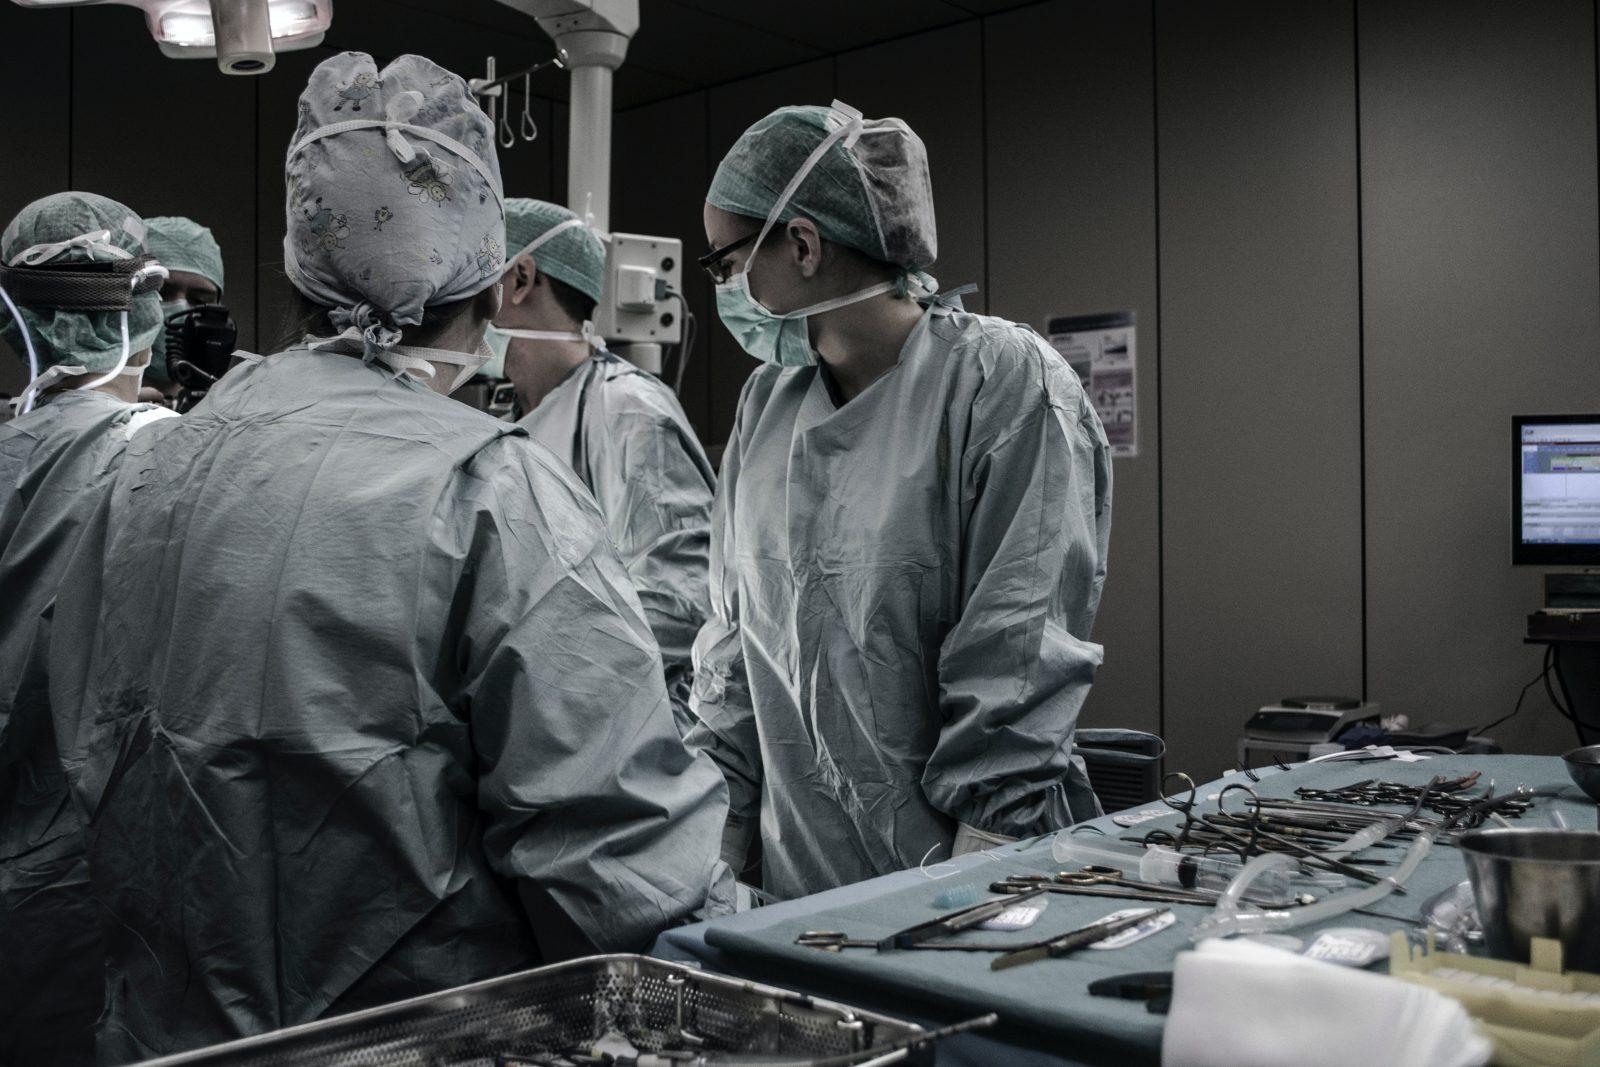 Les chirurgies moins urgentes pourront être reprises